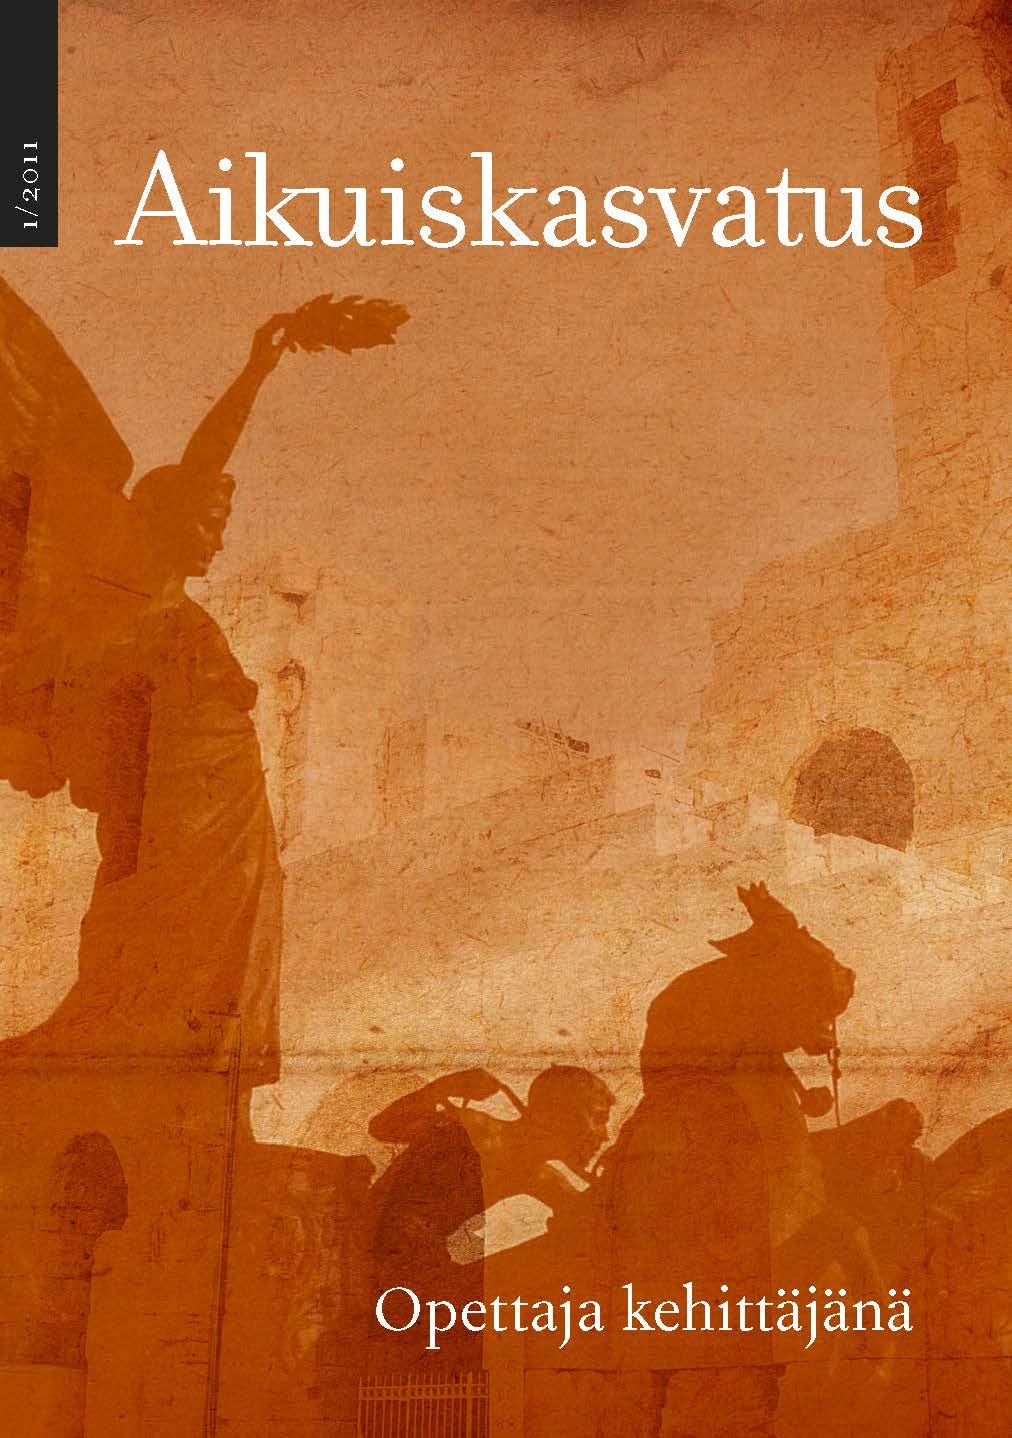 Näytä Vol 31 Nro 1 (2011): Aikuiskasvatus 1/2011: Opettaja kehittäjänä